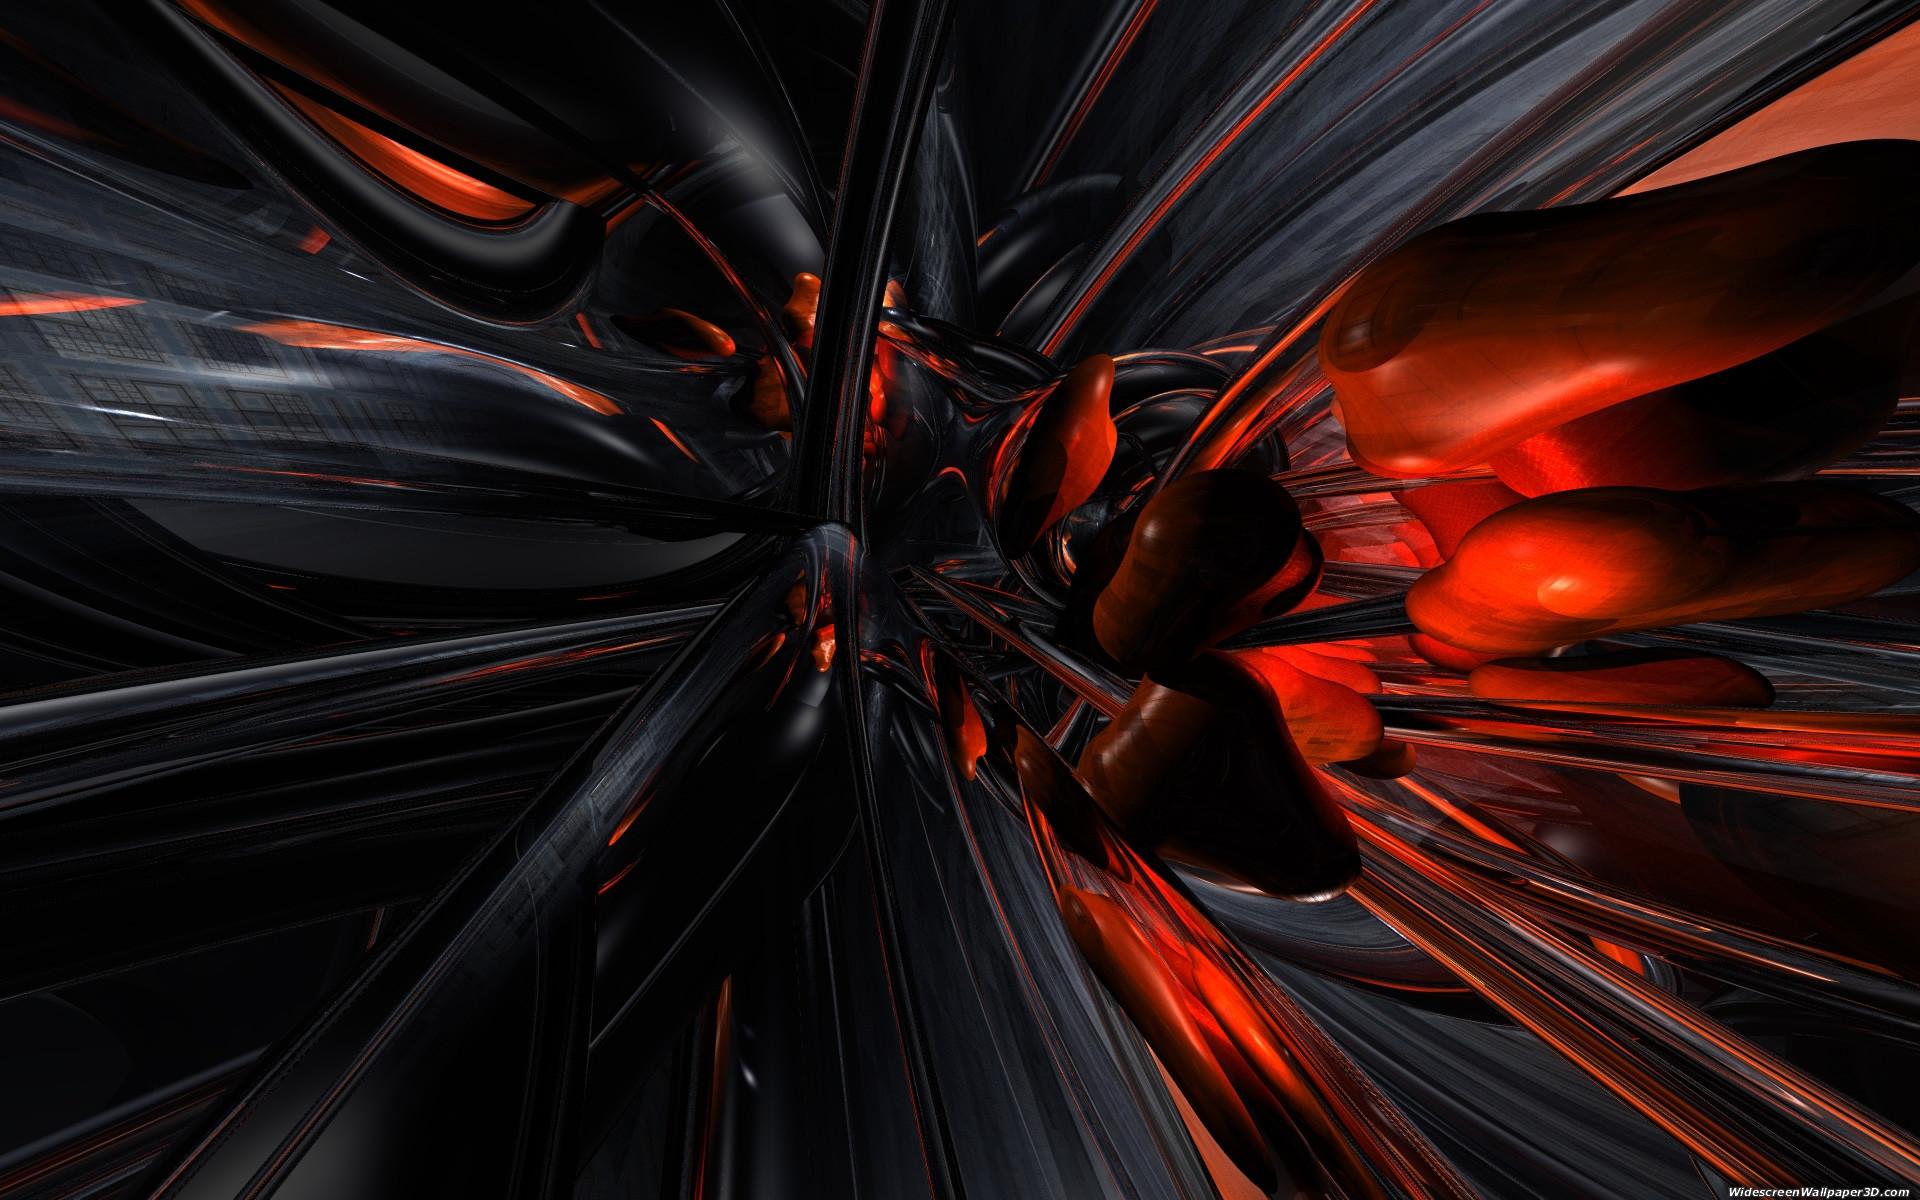 Cool Black Wallpapers Full Screen – WallpaperSafari